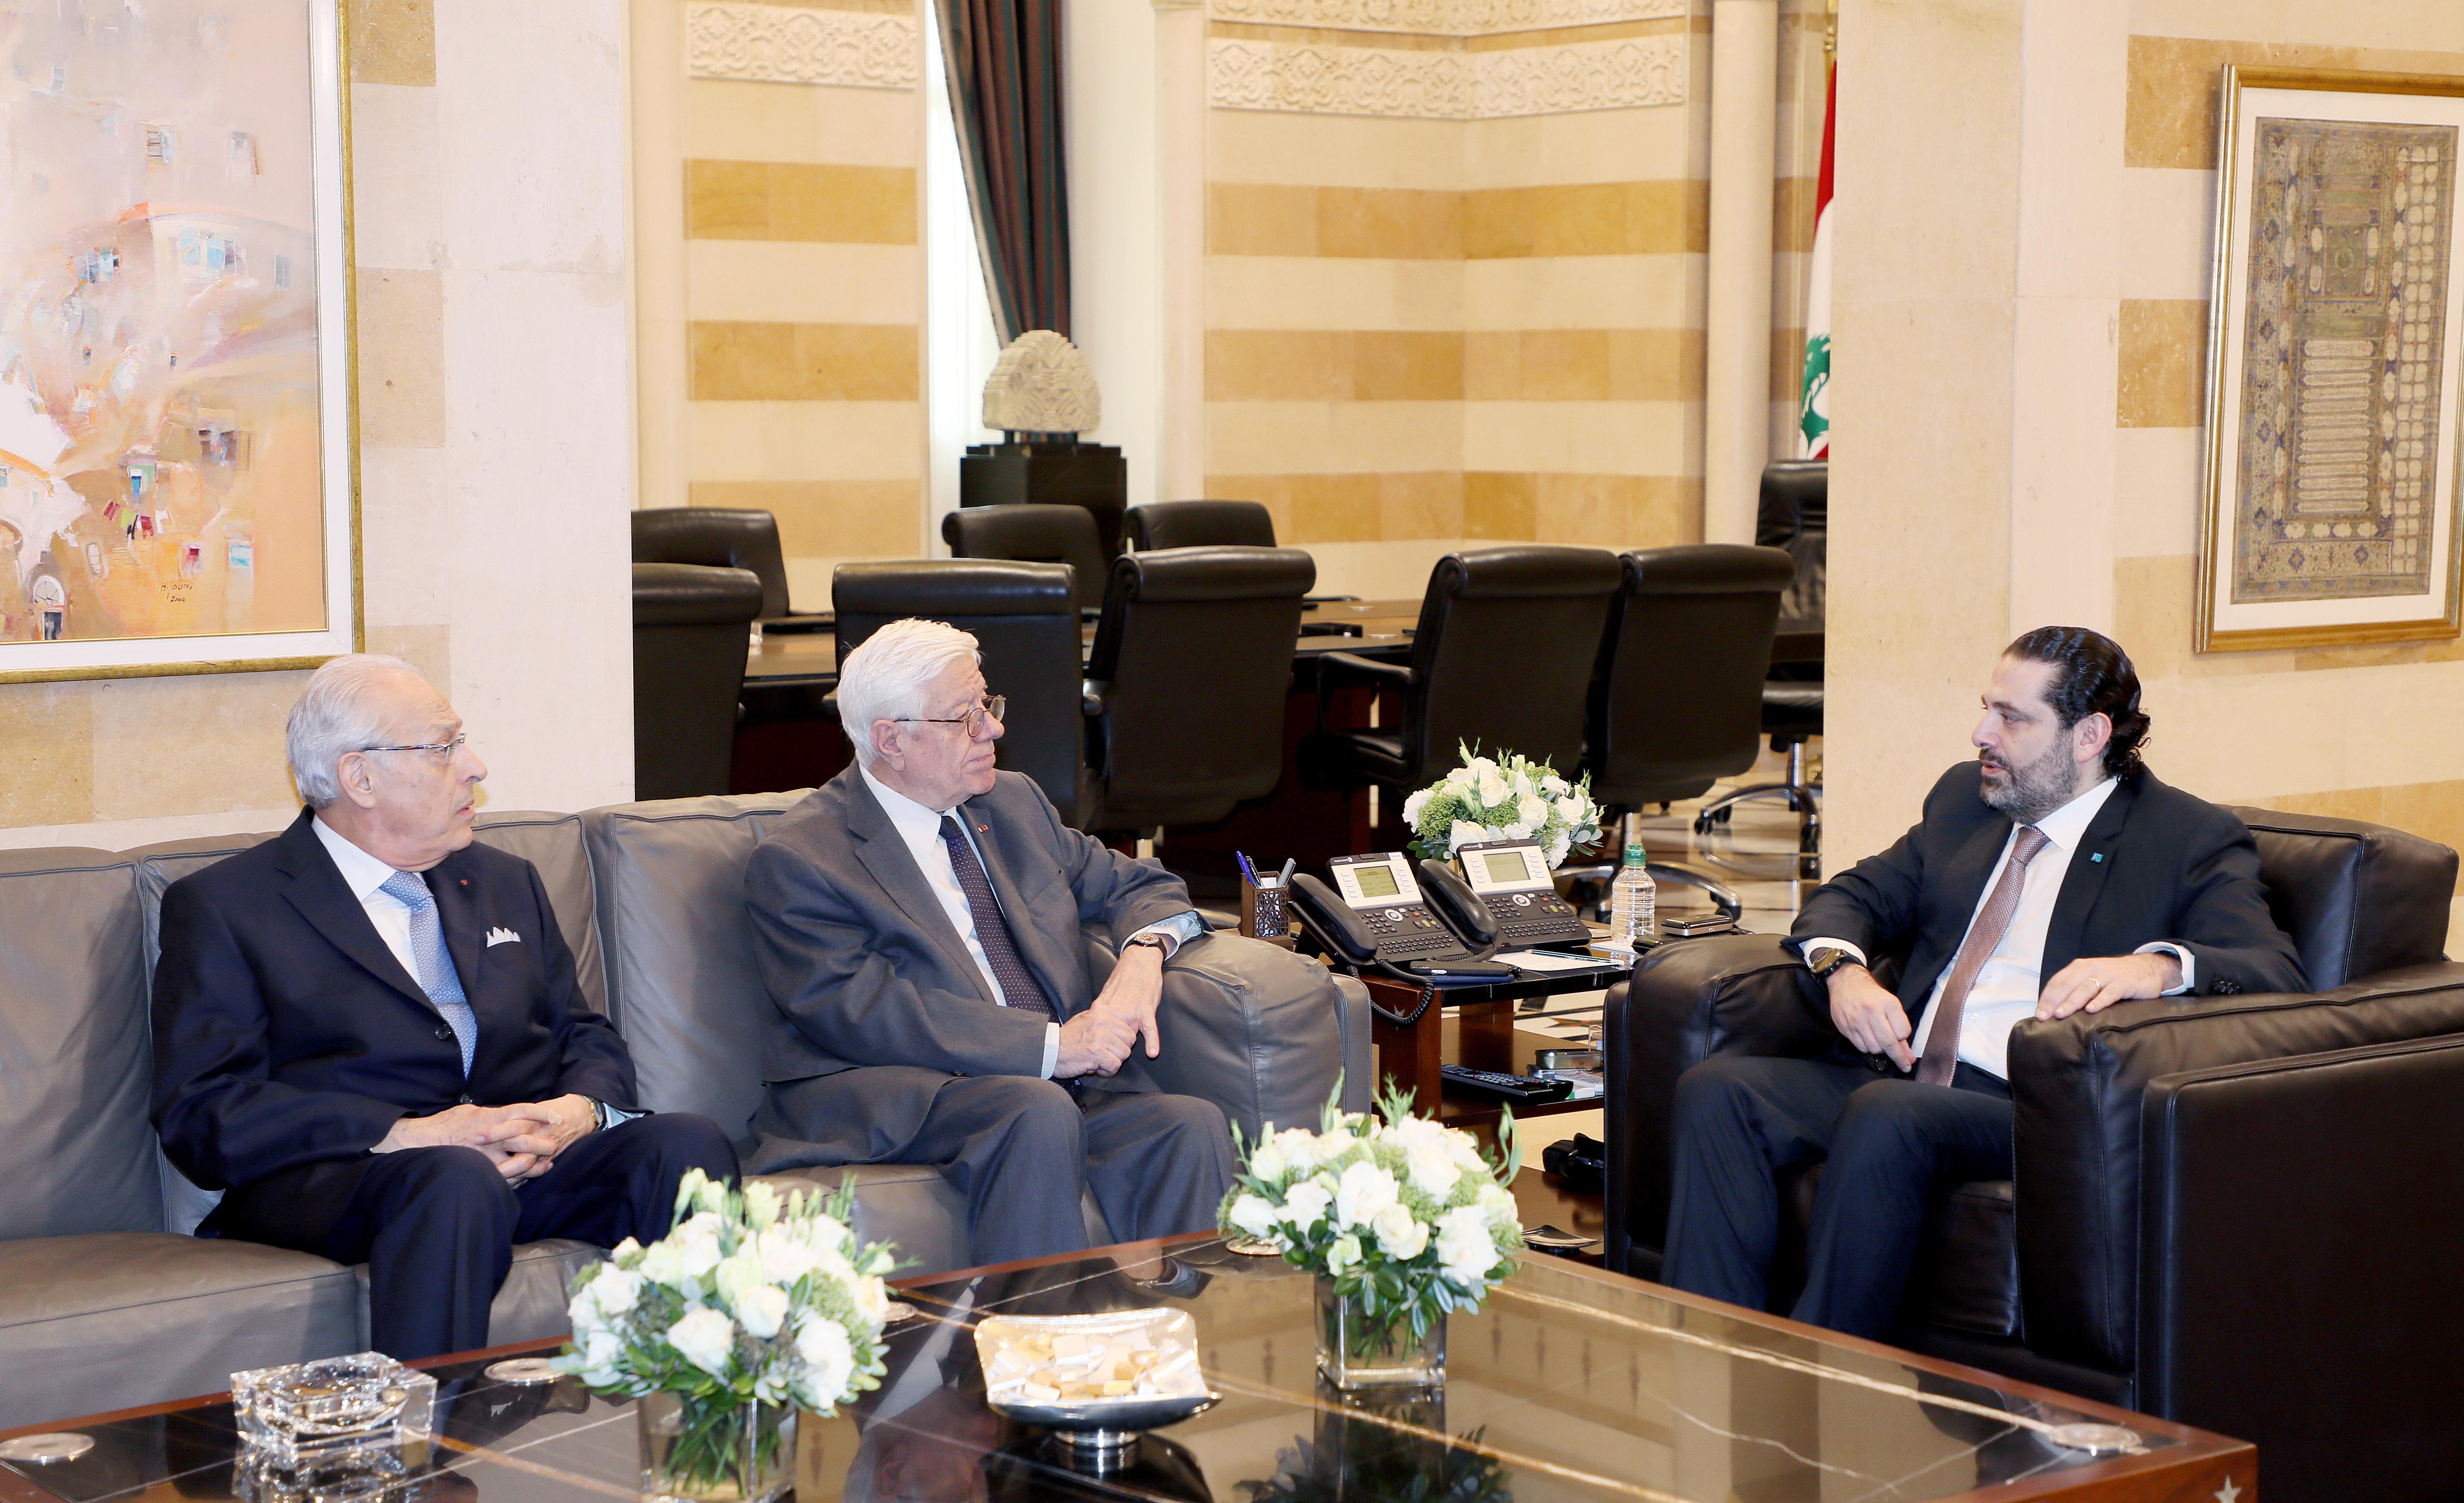 Pr Minister Saad Hariri meets a Delegation from Ordre de Malt